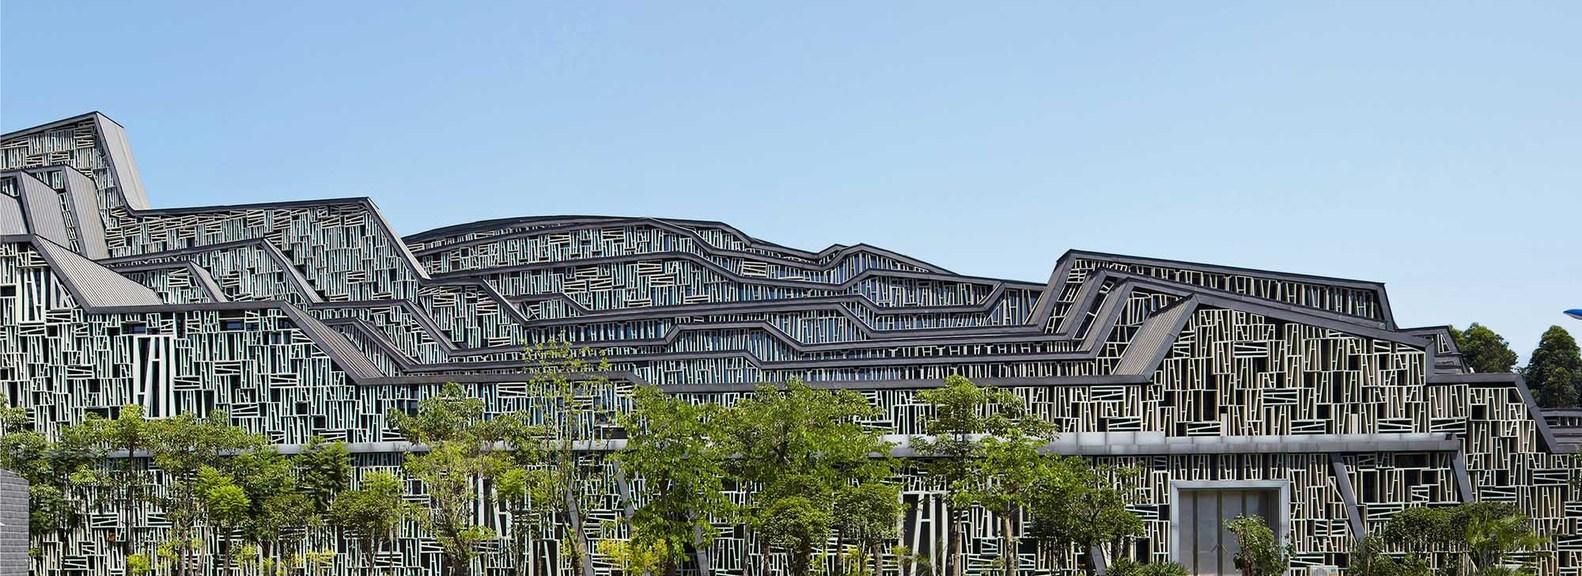 Liuzhou Suiseki Hall | Collater.al